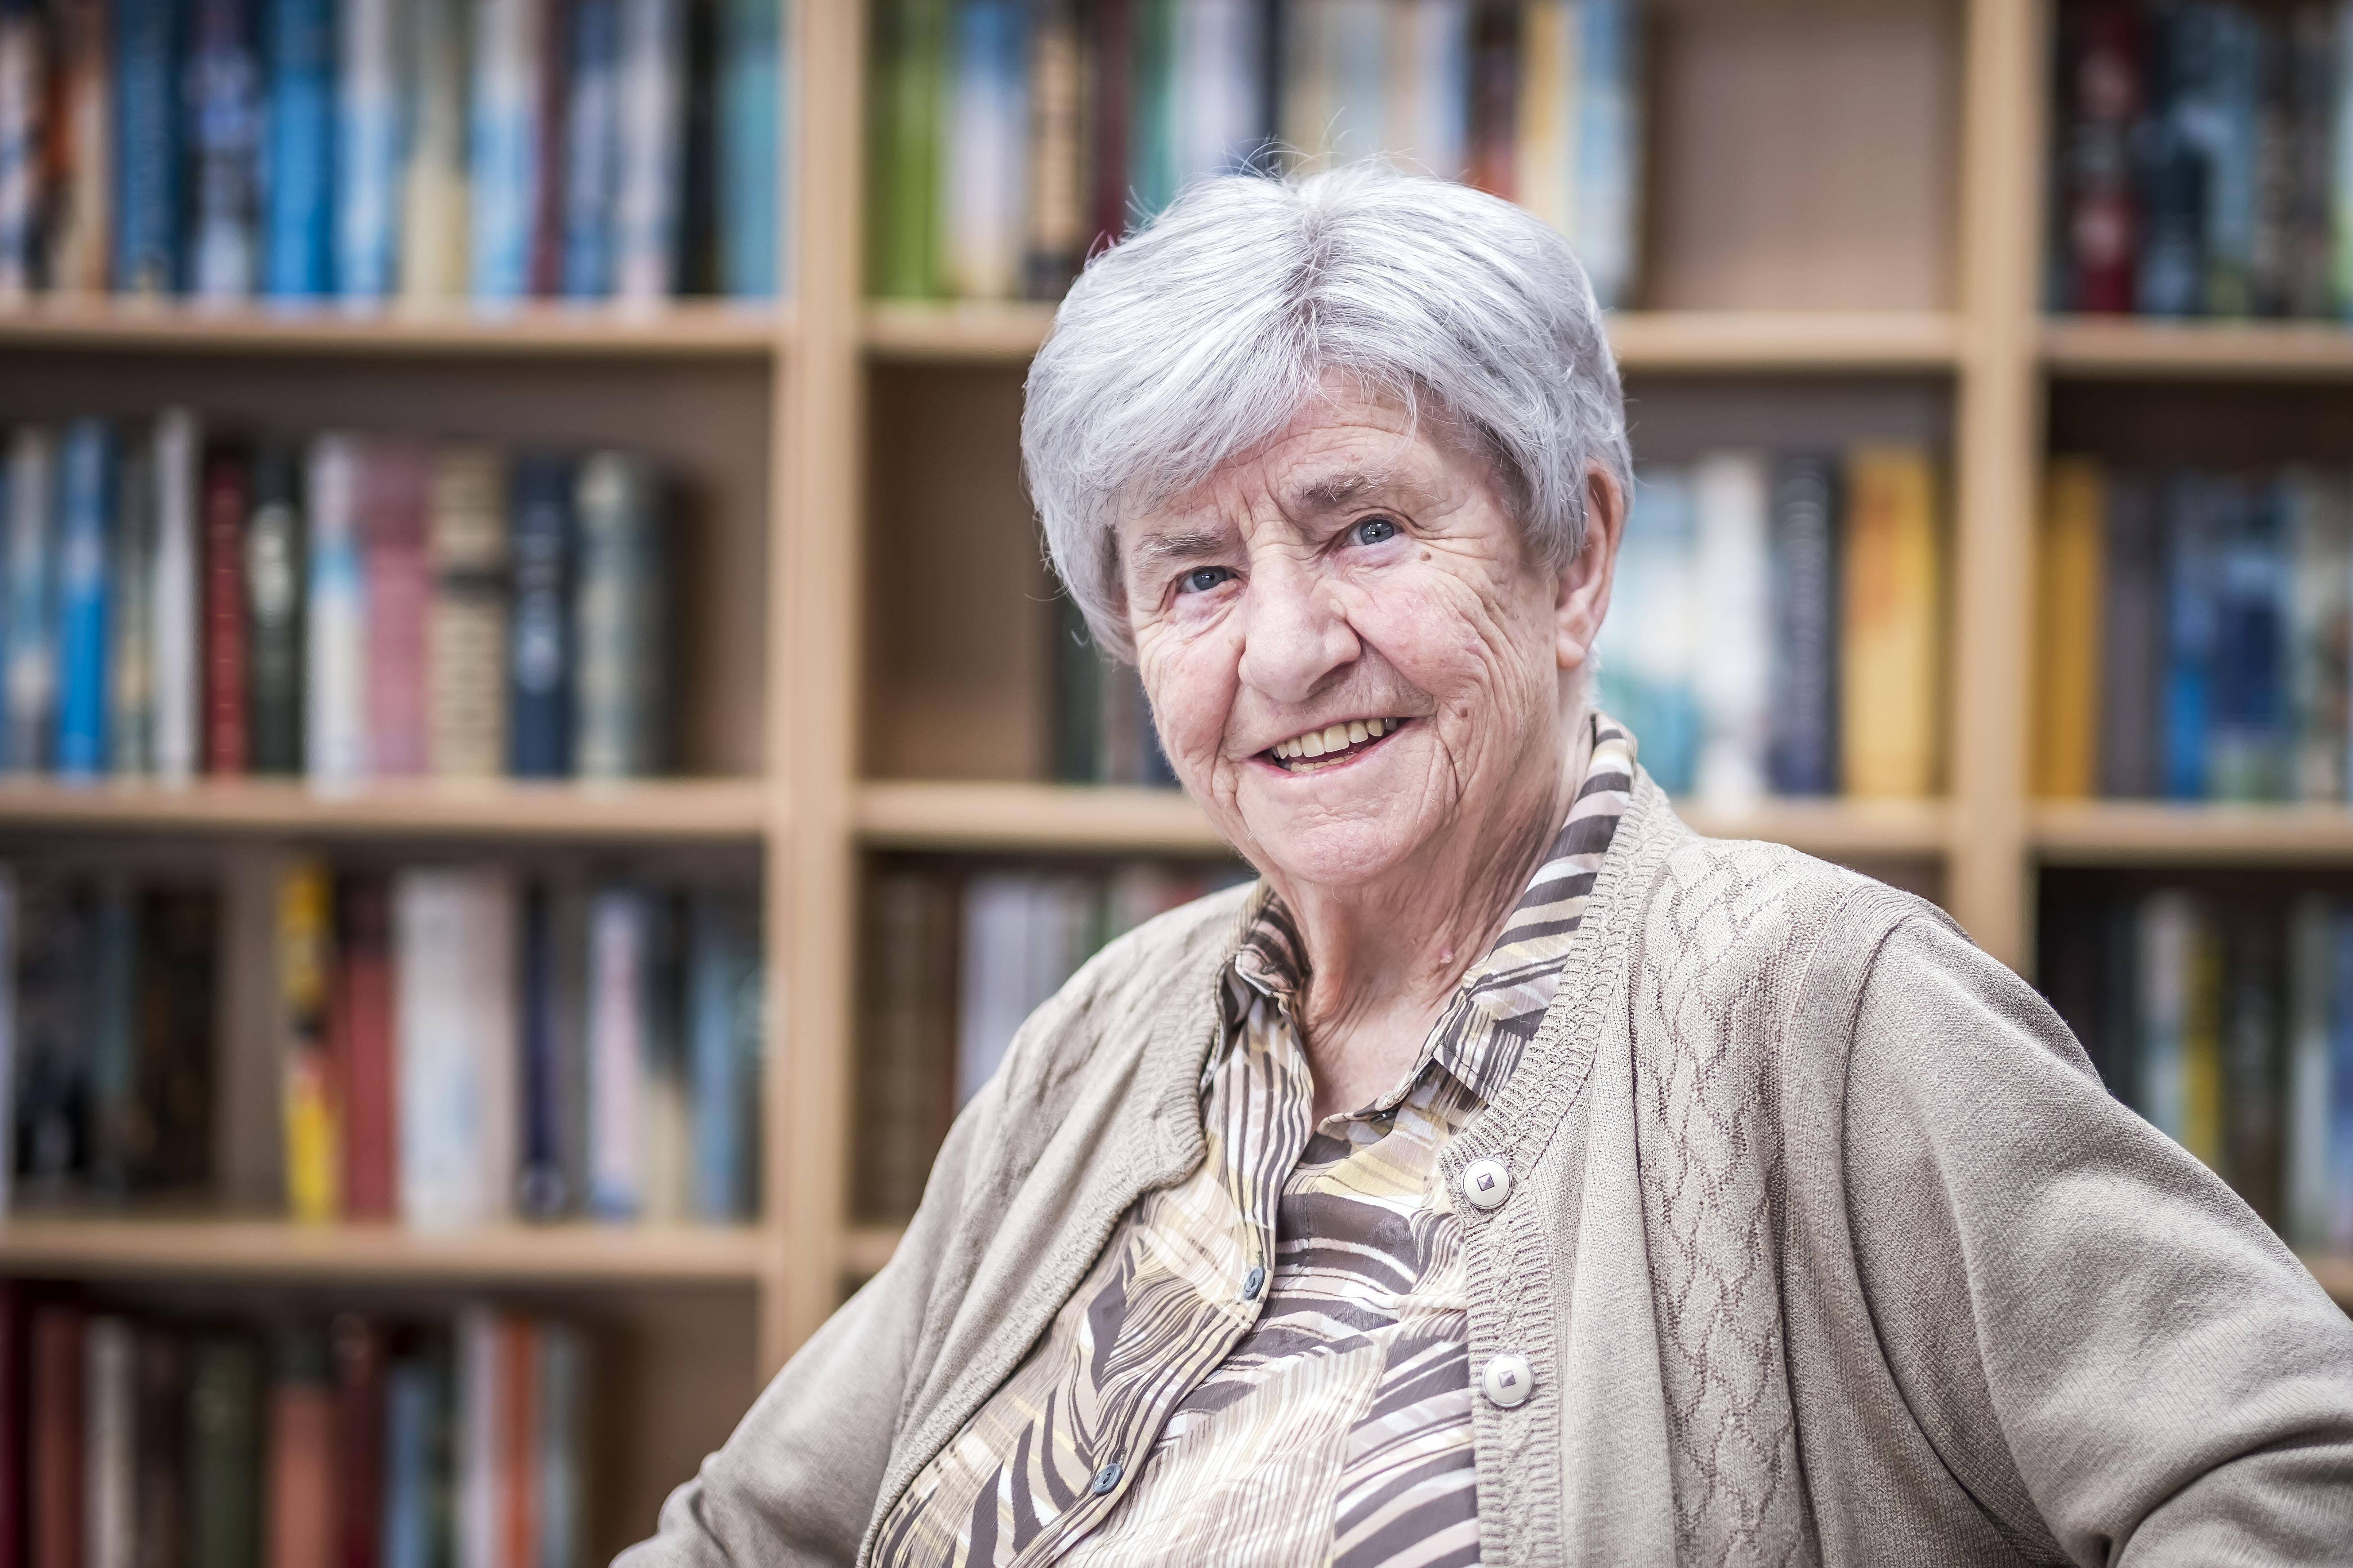 Roos Abbink (89) overleefde corona, maar ze is er nog lang niet: 'Wie al die regels maar gezeur vindt, zou het eens aan den lijve moeten ondervinden'